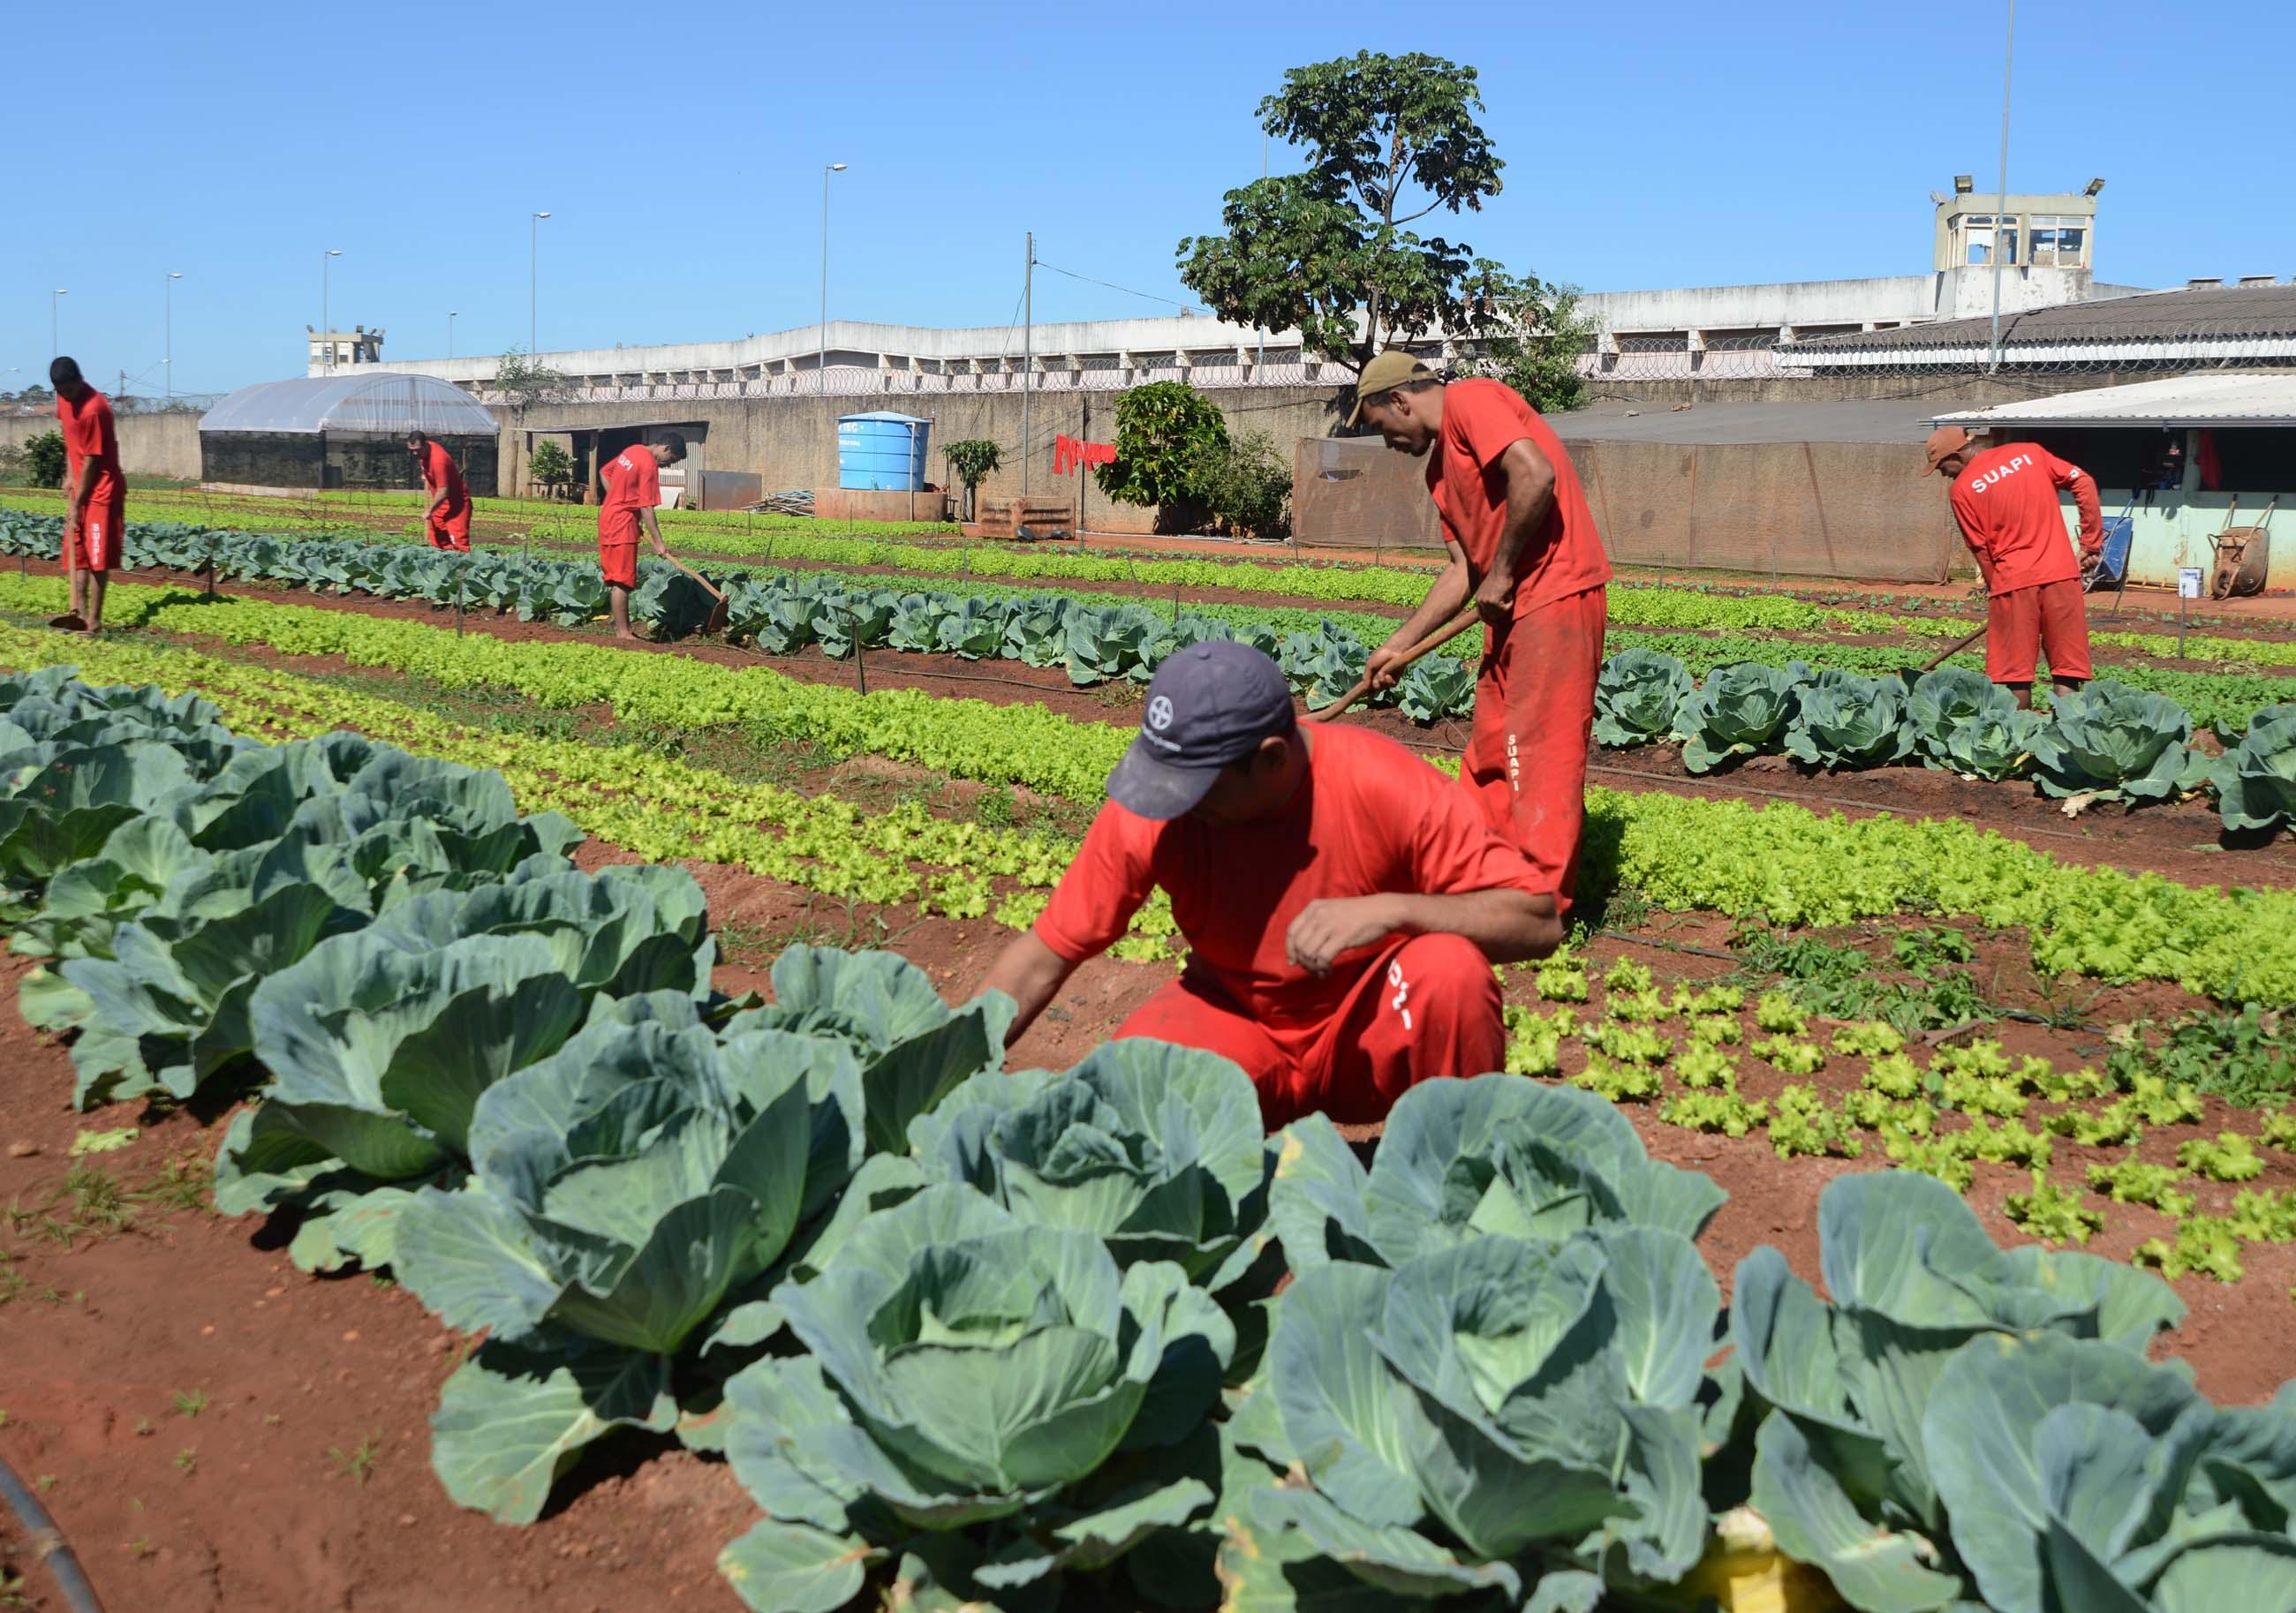 A variedade de alimentos é cultivada pelas mãos de 25 presos. | Foto: Omar Freire/Imprensa MG